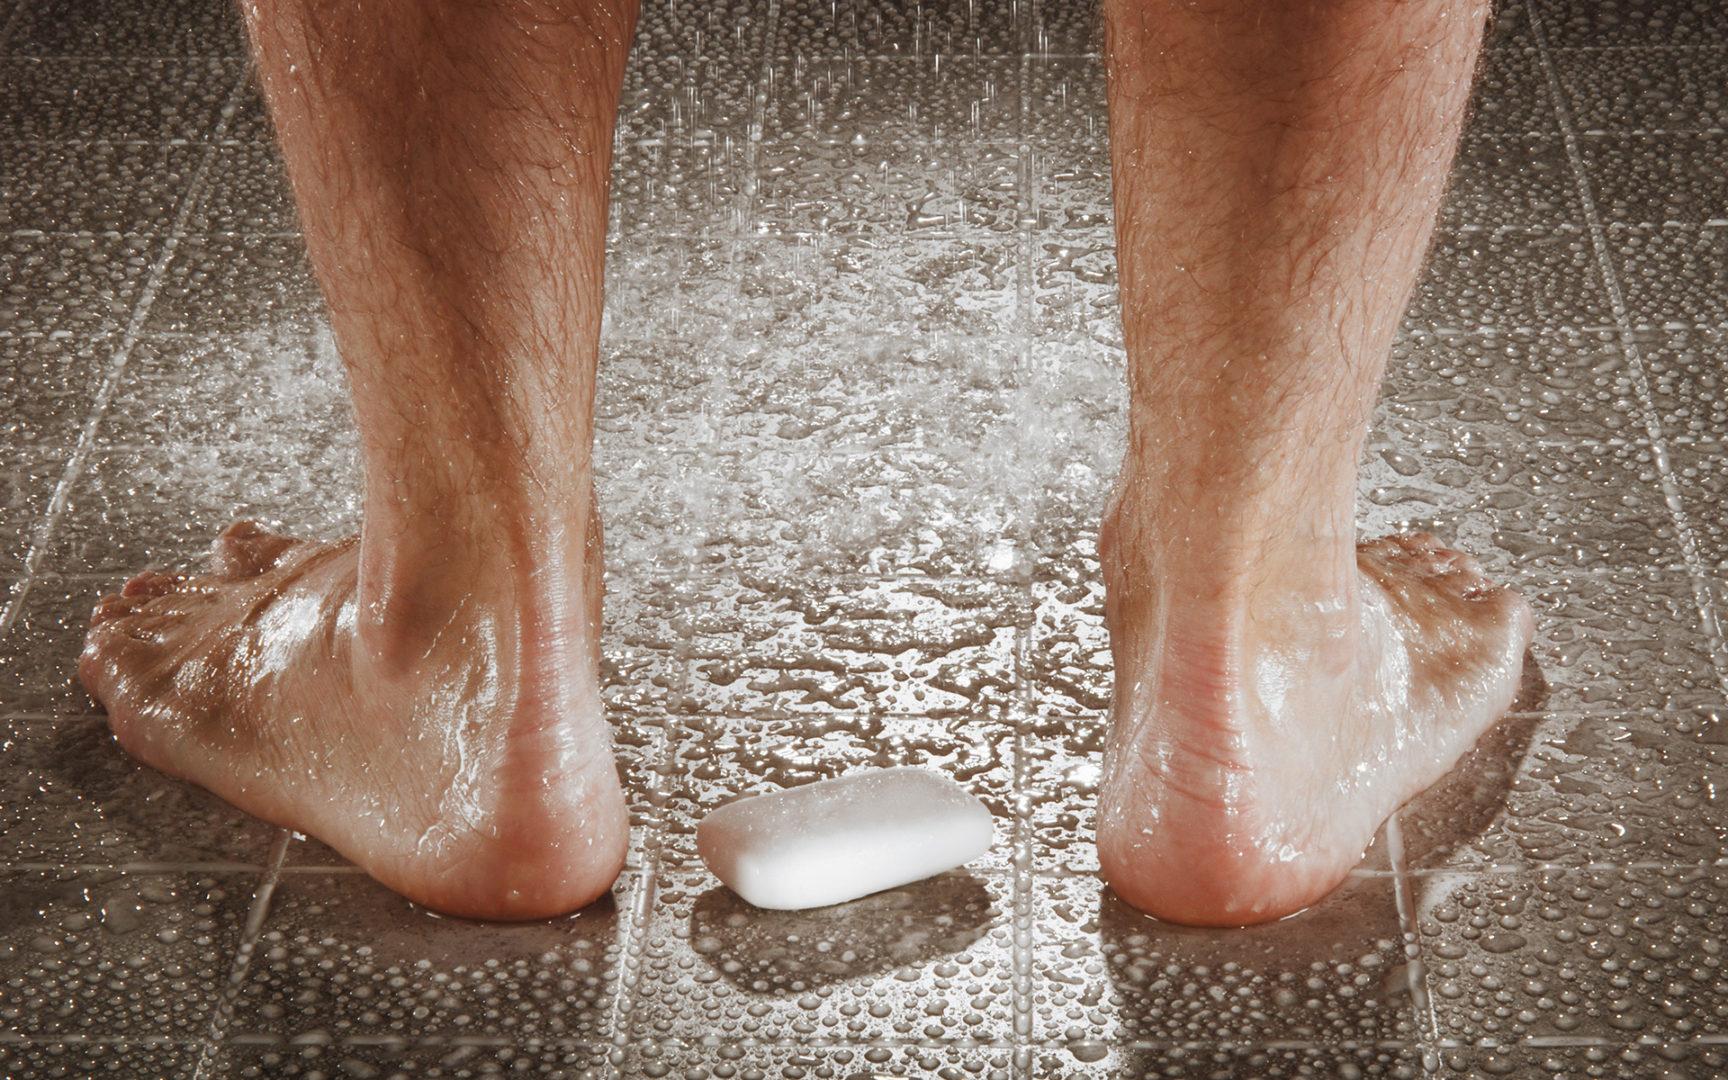 Kynsisieni eli kynsisilsa tarttuu usein kosteissa tiloissa.